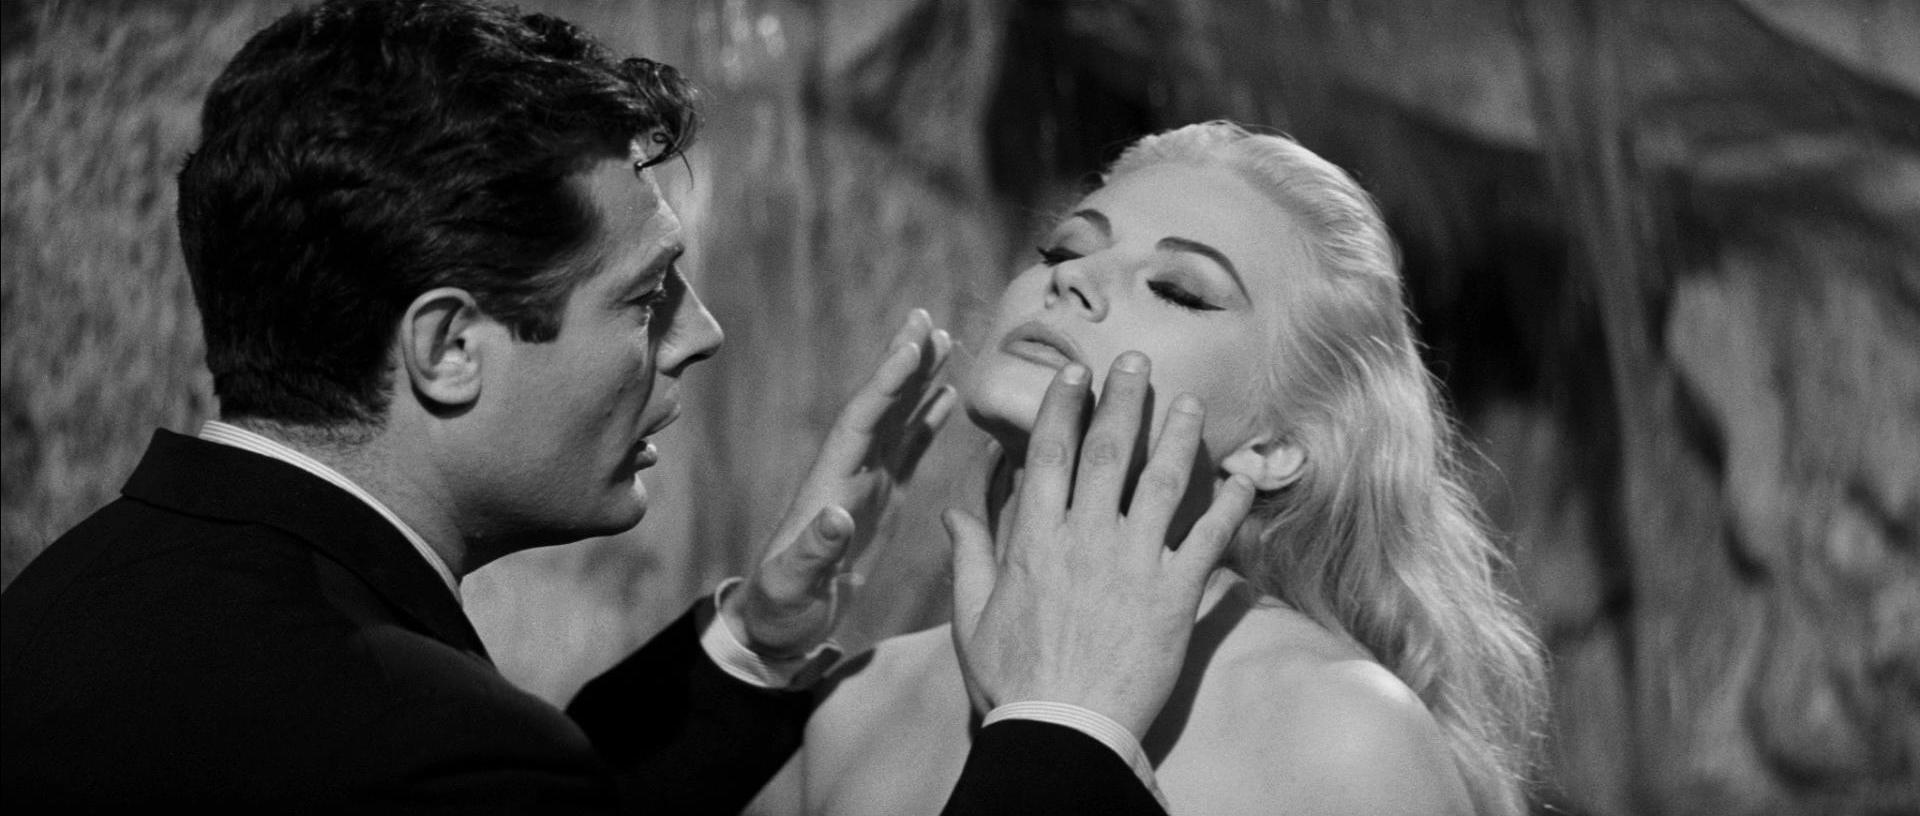 La dolce vita - Marcello & Anita Ekberg at the Trevi Fountain